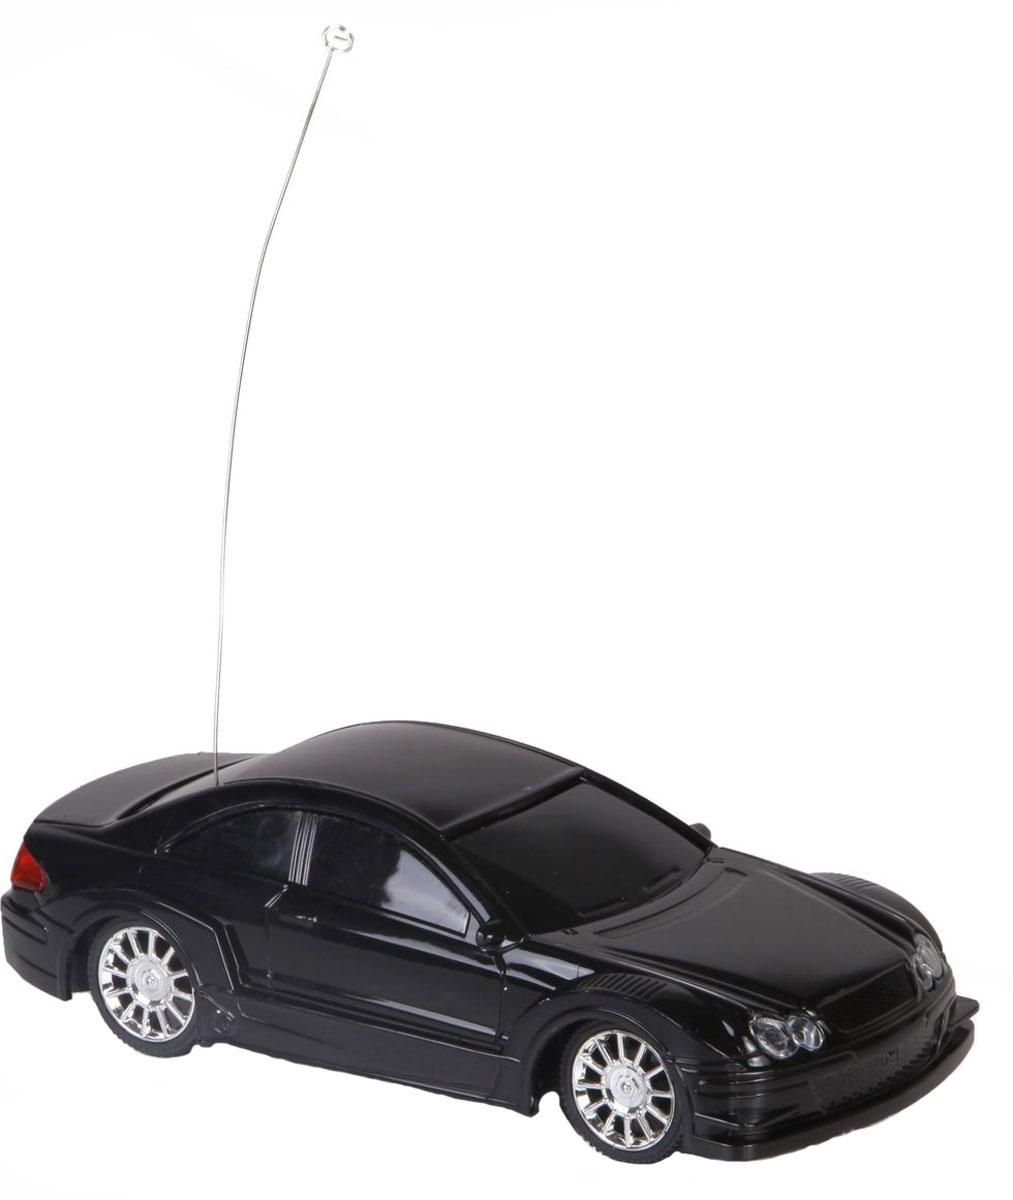 Yako Машина на радиоуправлении цвет черный Y19242005 купить лпс стоячки на авито